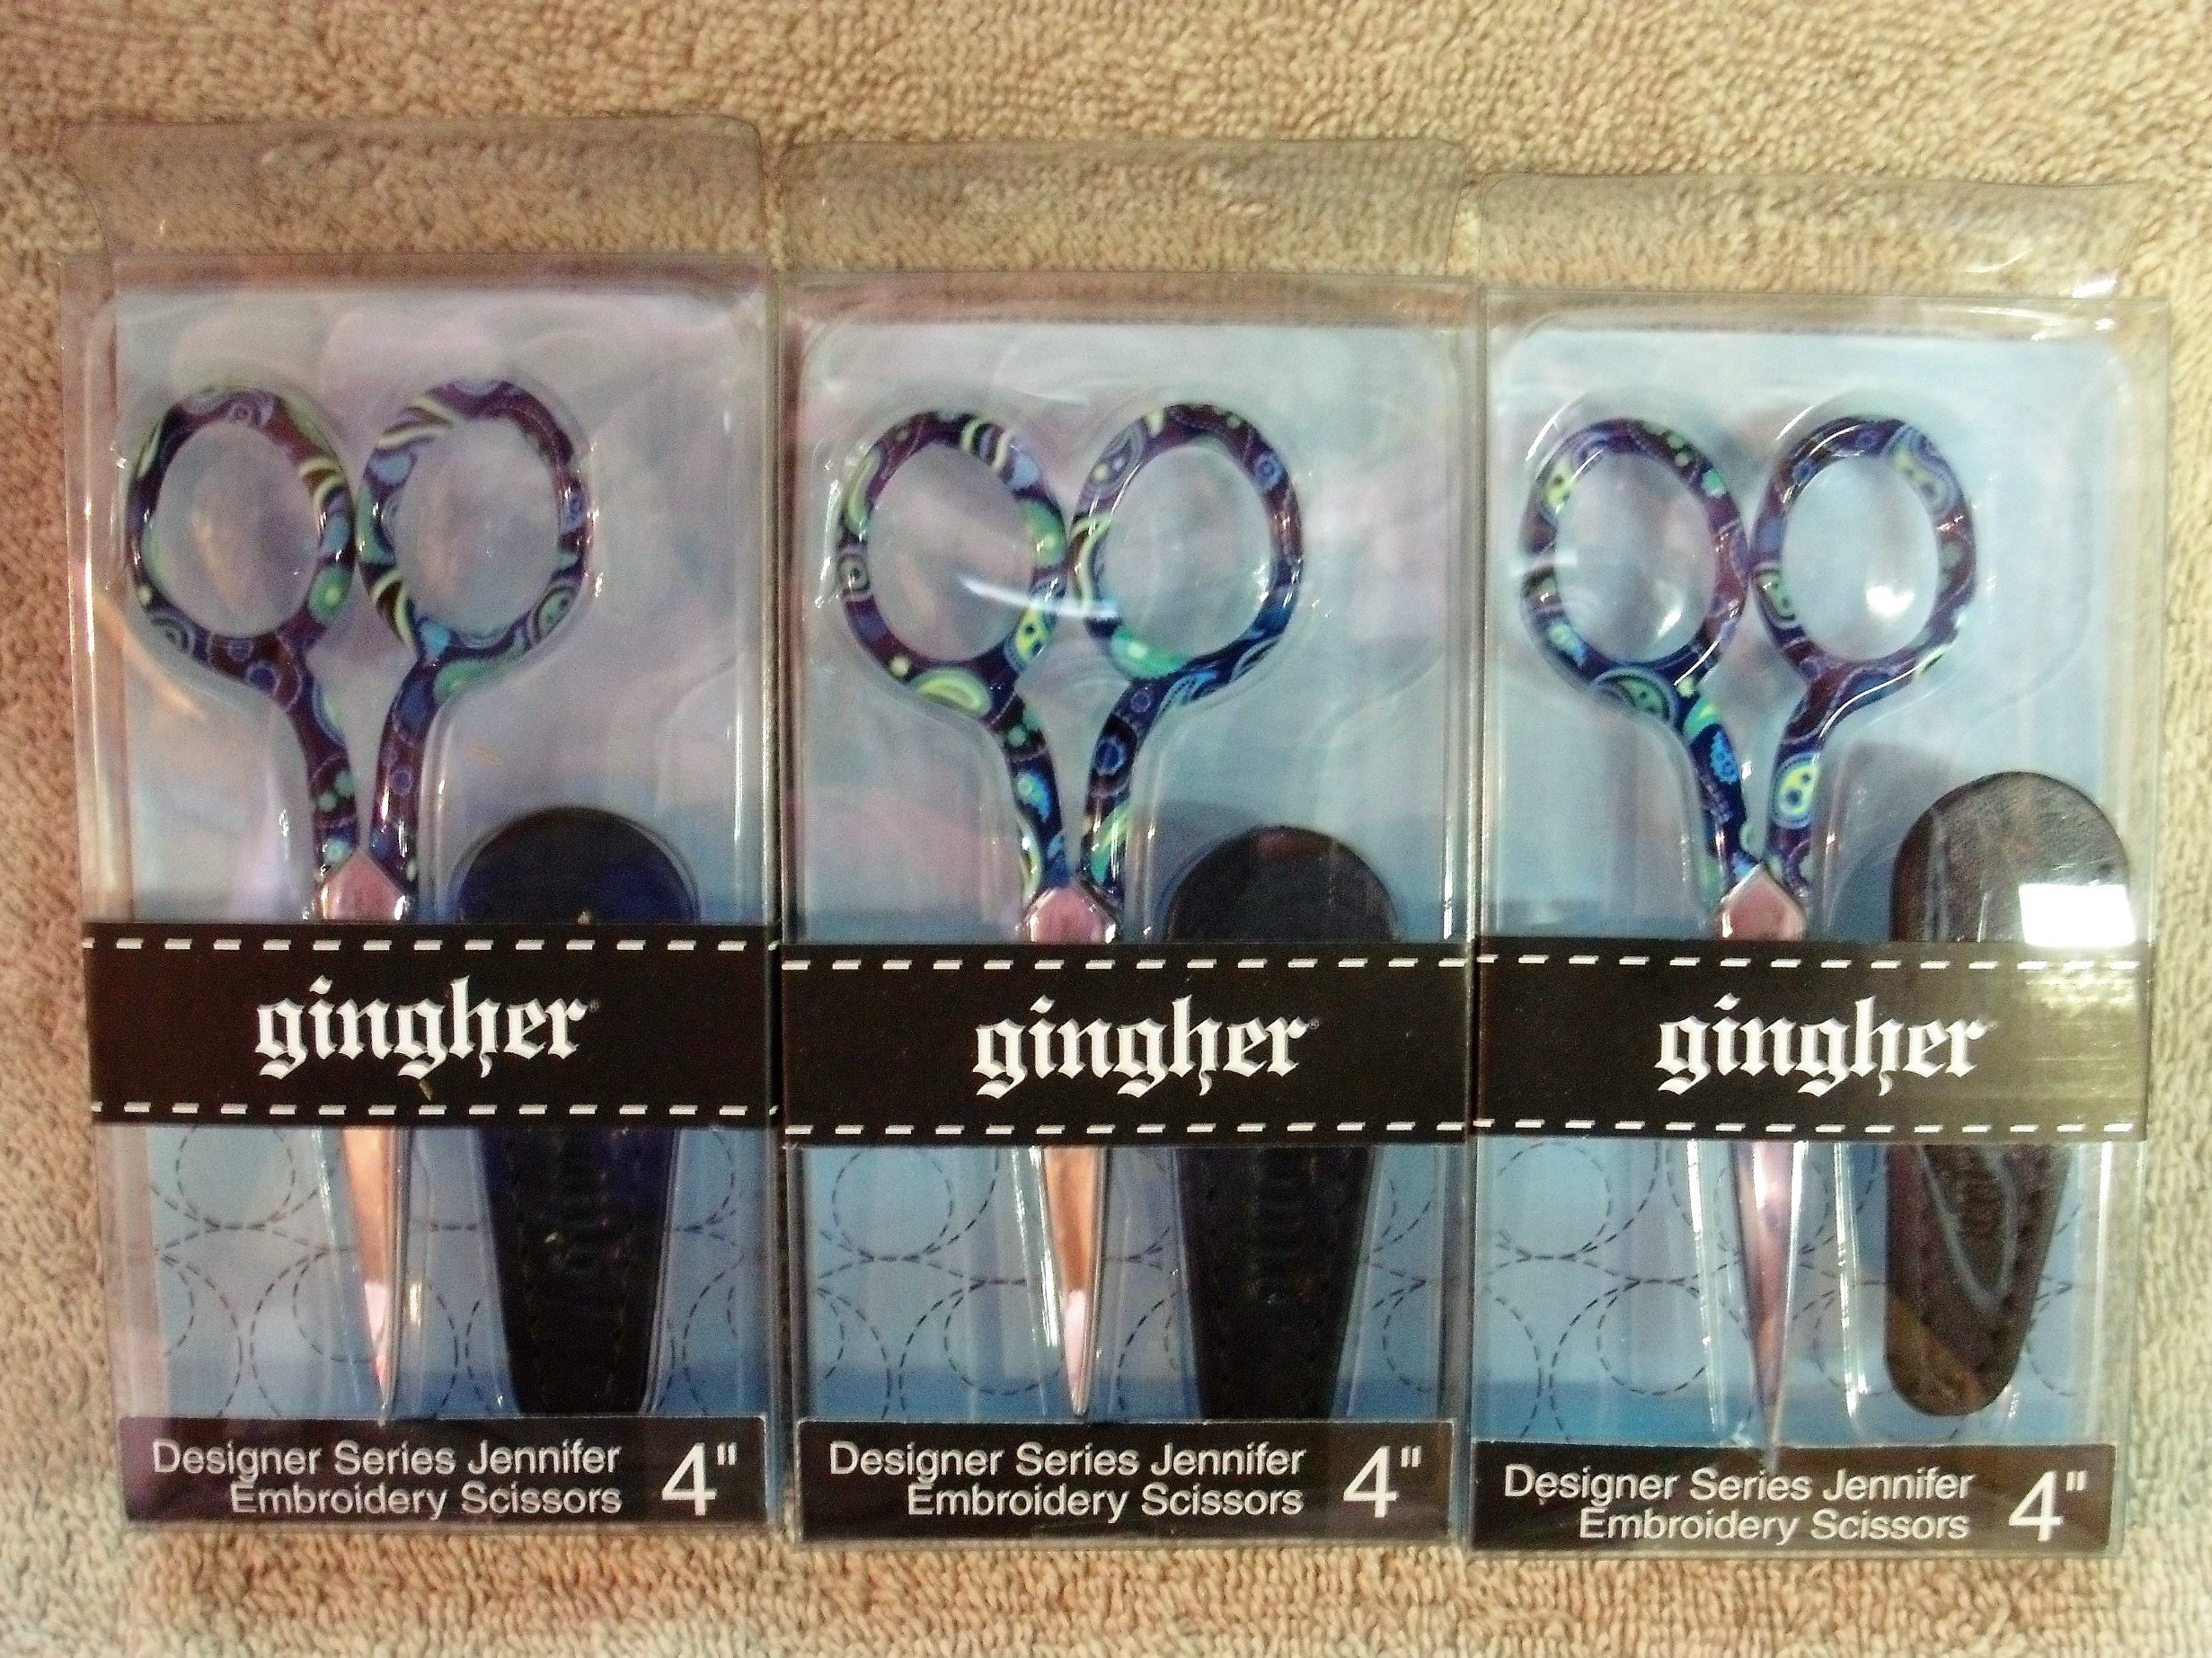 Lot Of 3 Gingher Designer Series Jennifer (3 Pack)